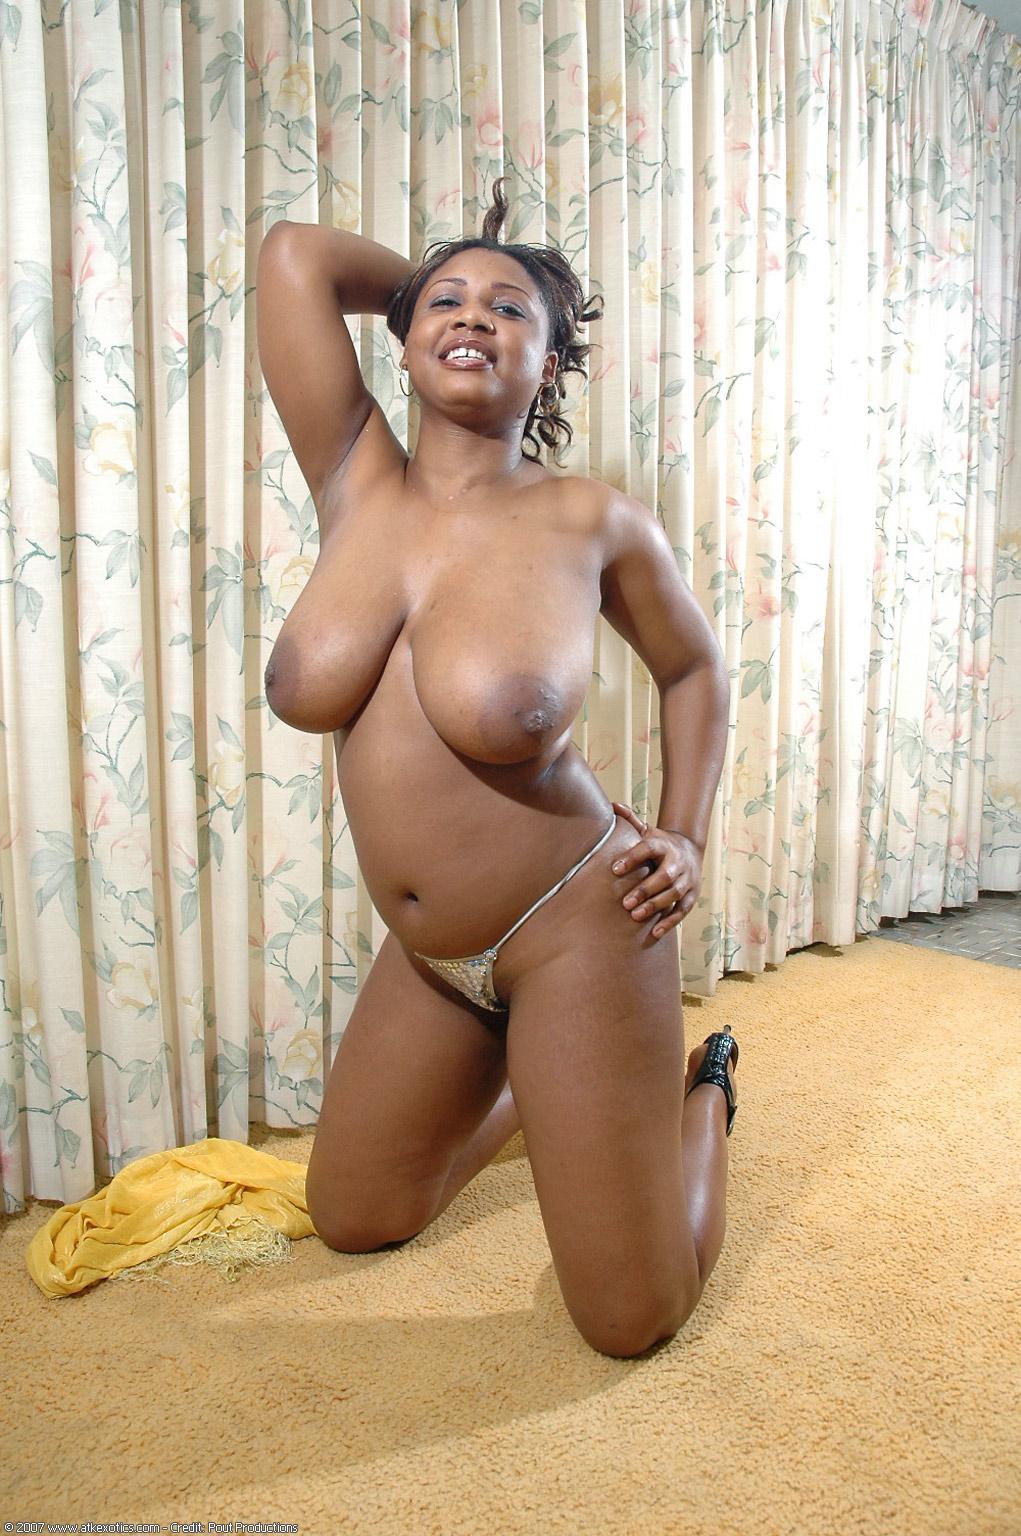 Sally, una preciosa negra con grandes tetas